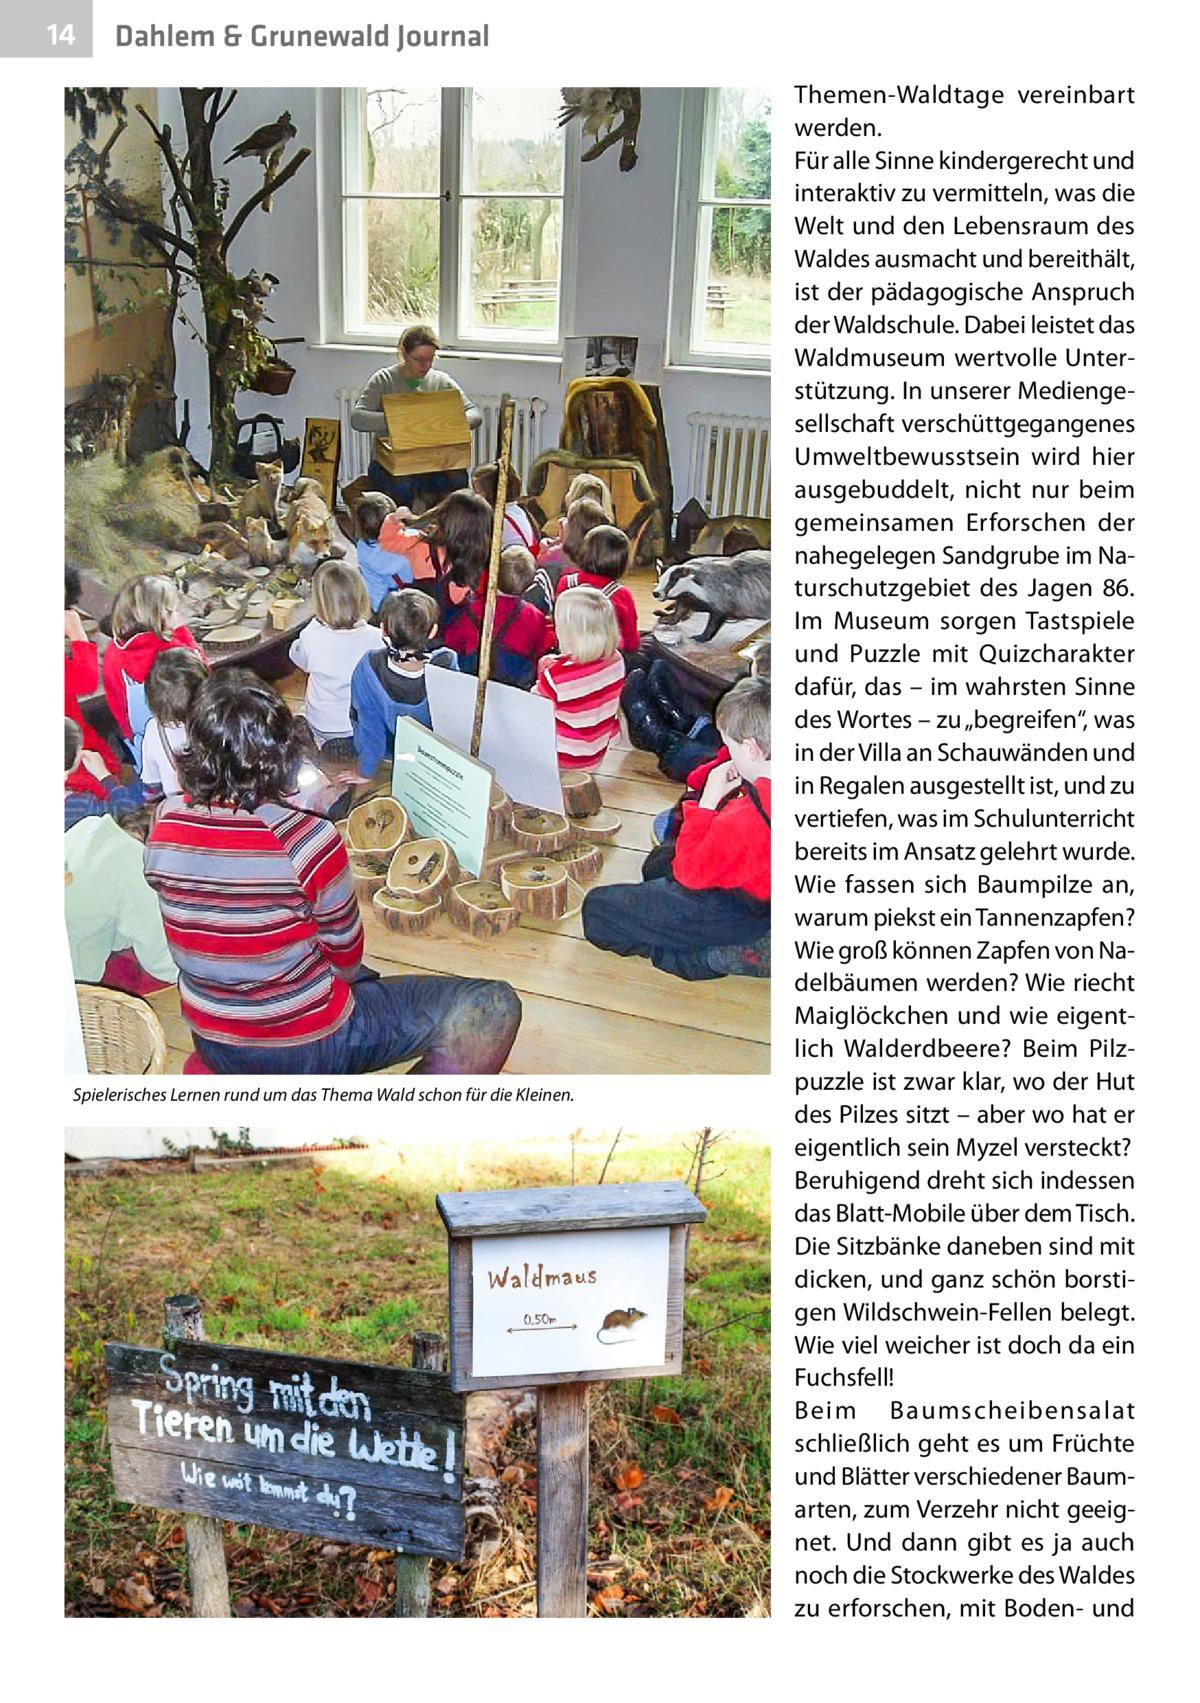 """14  Dahlem & Grunewald Journal  Spielerisches Lernen rund um das Thema Wald schon für die Kleinen.  Themen-Waldtage vereinbart werden. Für alle Sinne kindergerecht und interaktiv zu vermitteln, was die Welt und den Lebensraum des Waldes ausmacht und bereithält, ist der pädagogische Anspruch der Waldschule. Dabei leistet das Waldmuseum wertvolle Unterstützung. In unserer Mediengesellschaft verschüttgegangenes Umweltbewusstsein wird hier ausgebuddelt, nicht nur beim gemeinsamen Erforschen der nahegelegen Sandgrube im Naturschutzgebiet des Jagen 86. Im Museum sorgen Tastspiele und Puzzle mit Quizcharakter dafür, das – im wahrsten Sinne des Wortes – zu """"begreifen"""", was in der Villa an Schauwänden und in Regalen ausgestellt ist, und zu vertiefen, was im Schulunterricht bereits im Ansatz gelehrt wurde. Wie fassen sich Baumpilze an, warum piekst ein Tannenzapfen? Wie groß können Zapfen von Nadelbäumen werden? Wie riecht Maiglöckchen und wie eigentlich Walderdbeere? Beim Pilzpuzzle ist zwar klar, wo der Hut des Pilzes sitzt – aber wo hat er eigentlich sein Myzel versteckt? Beruhigend dreht sich indessen das Blatt-Mobile über dem Tisch. Die Sitzbänke daneben sind mit dicken, und ganz schön borstigen Wildschwein-Fellen belegt. Wie viel weicher ist doch da ein Fuchsfell! Beim Baumscheibensalat schließlich geht es um Früchte und Blätter verschiedener Baum arten, zum Verzehr nicht geeignet. Und dann gibt es ja auch noch die Stockwerke des Waldes zu erforschen, mit Boden- und"""